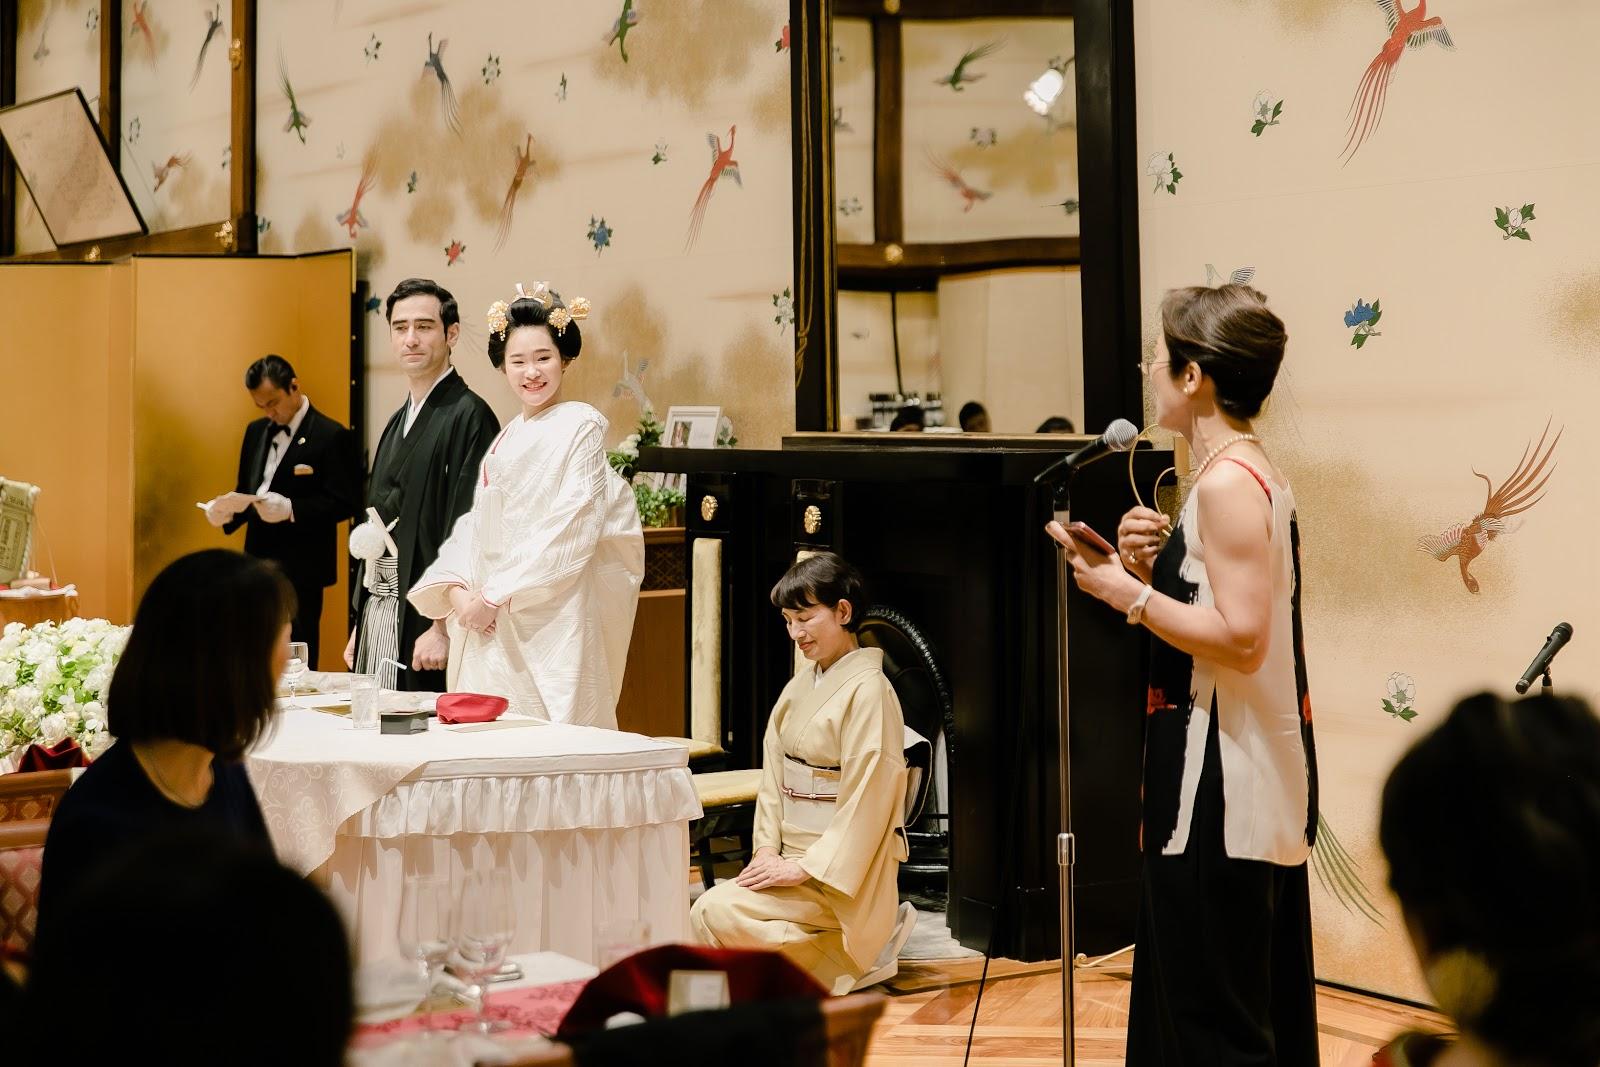 |婚禮攝影|Kenji&Evelyn II 東京明治神宮婚禮